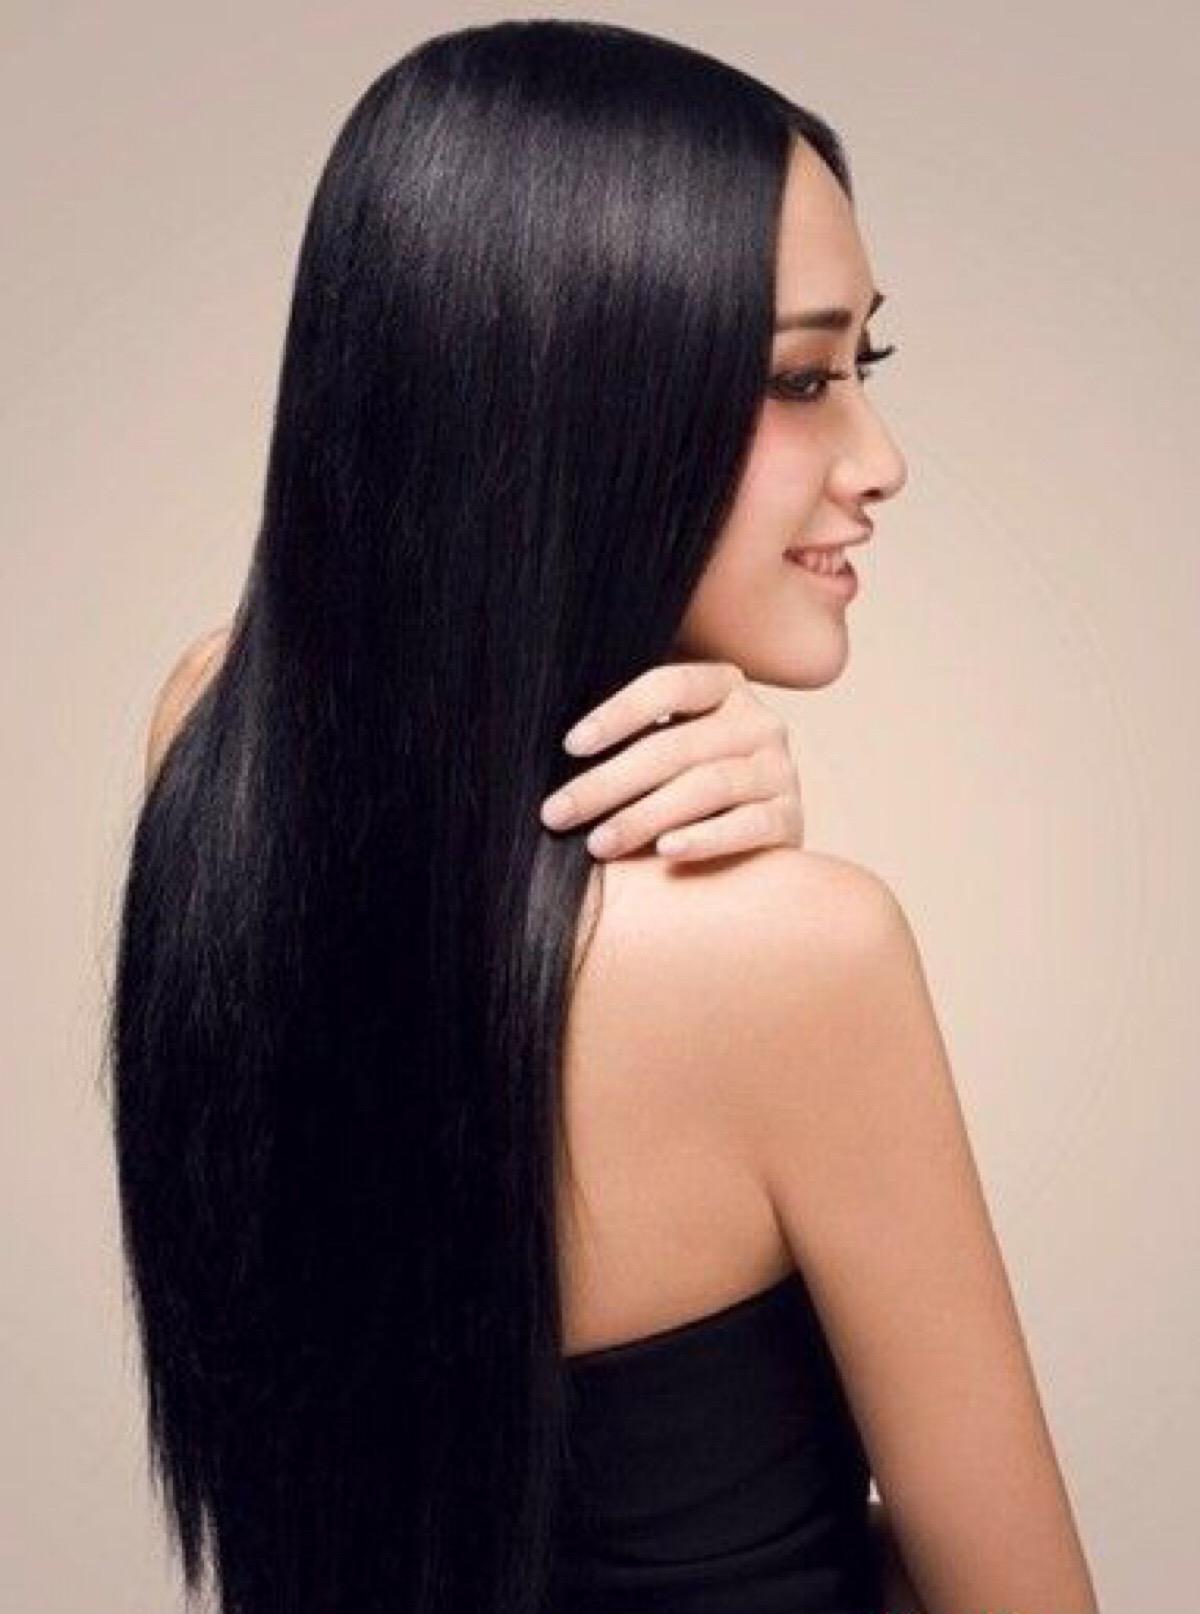 4,减少染发,烫发次数,吹风机要与头发保持20厘米距离.5,洗头时.图片